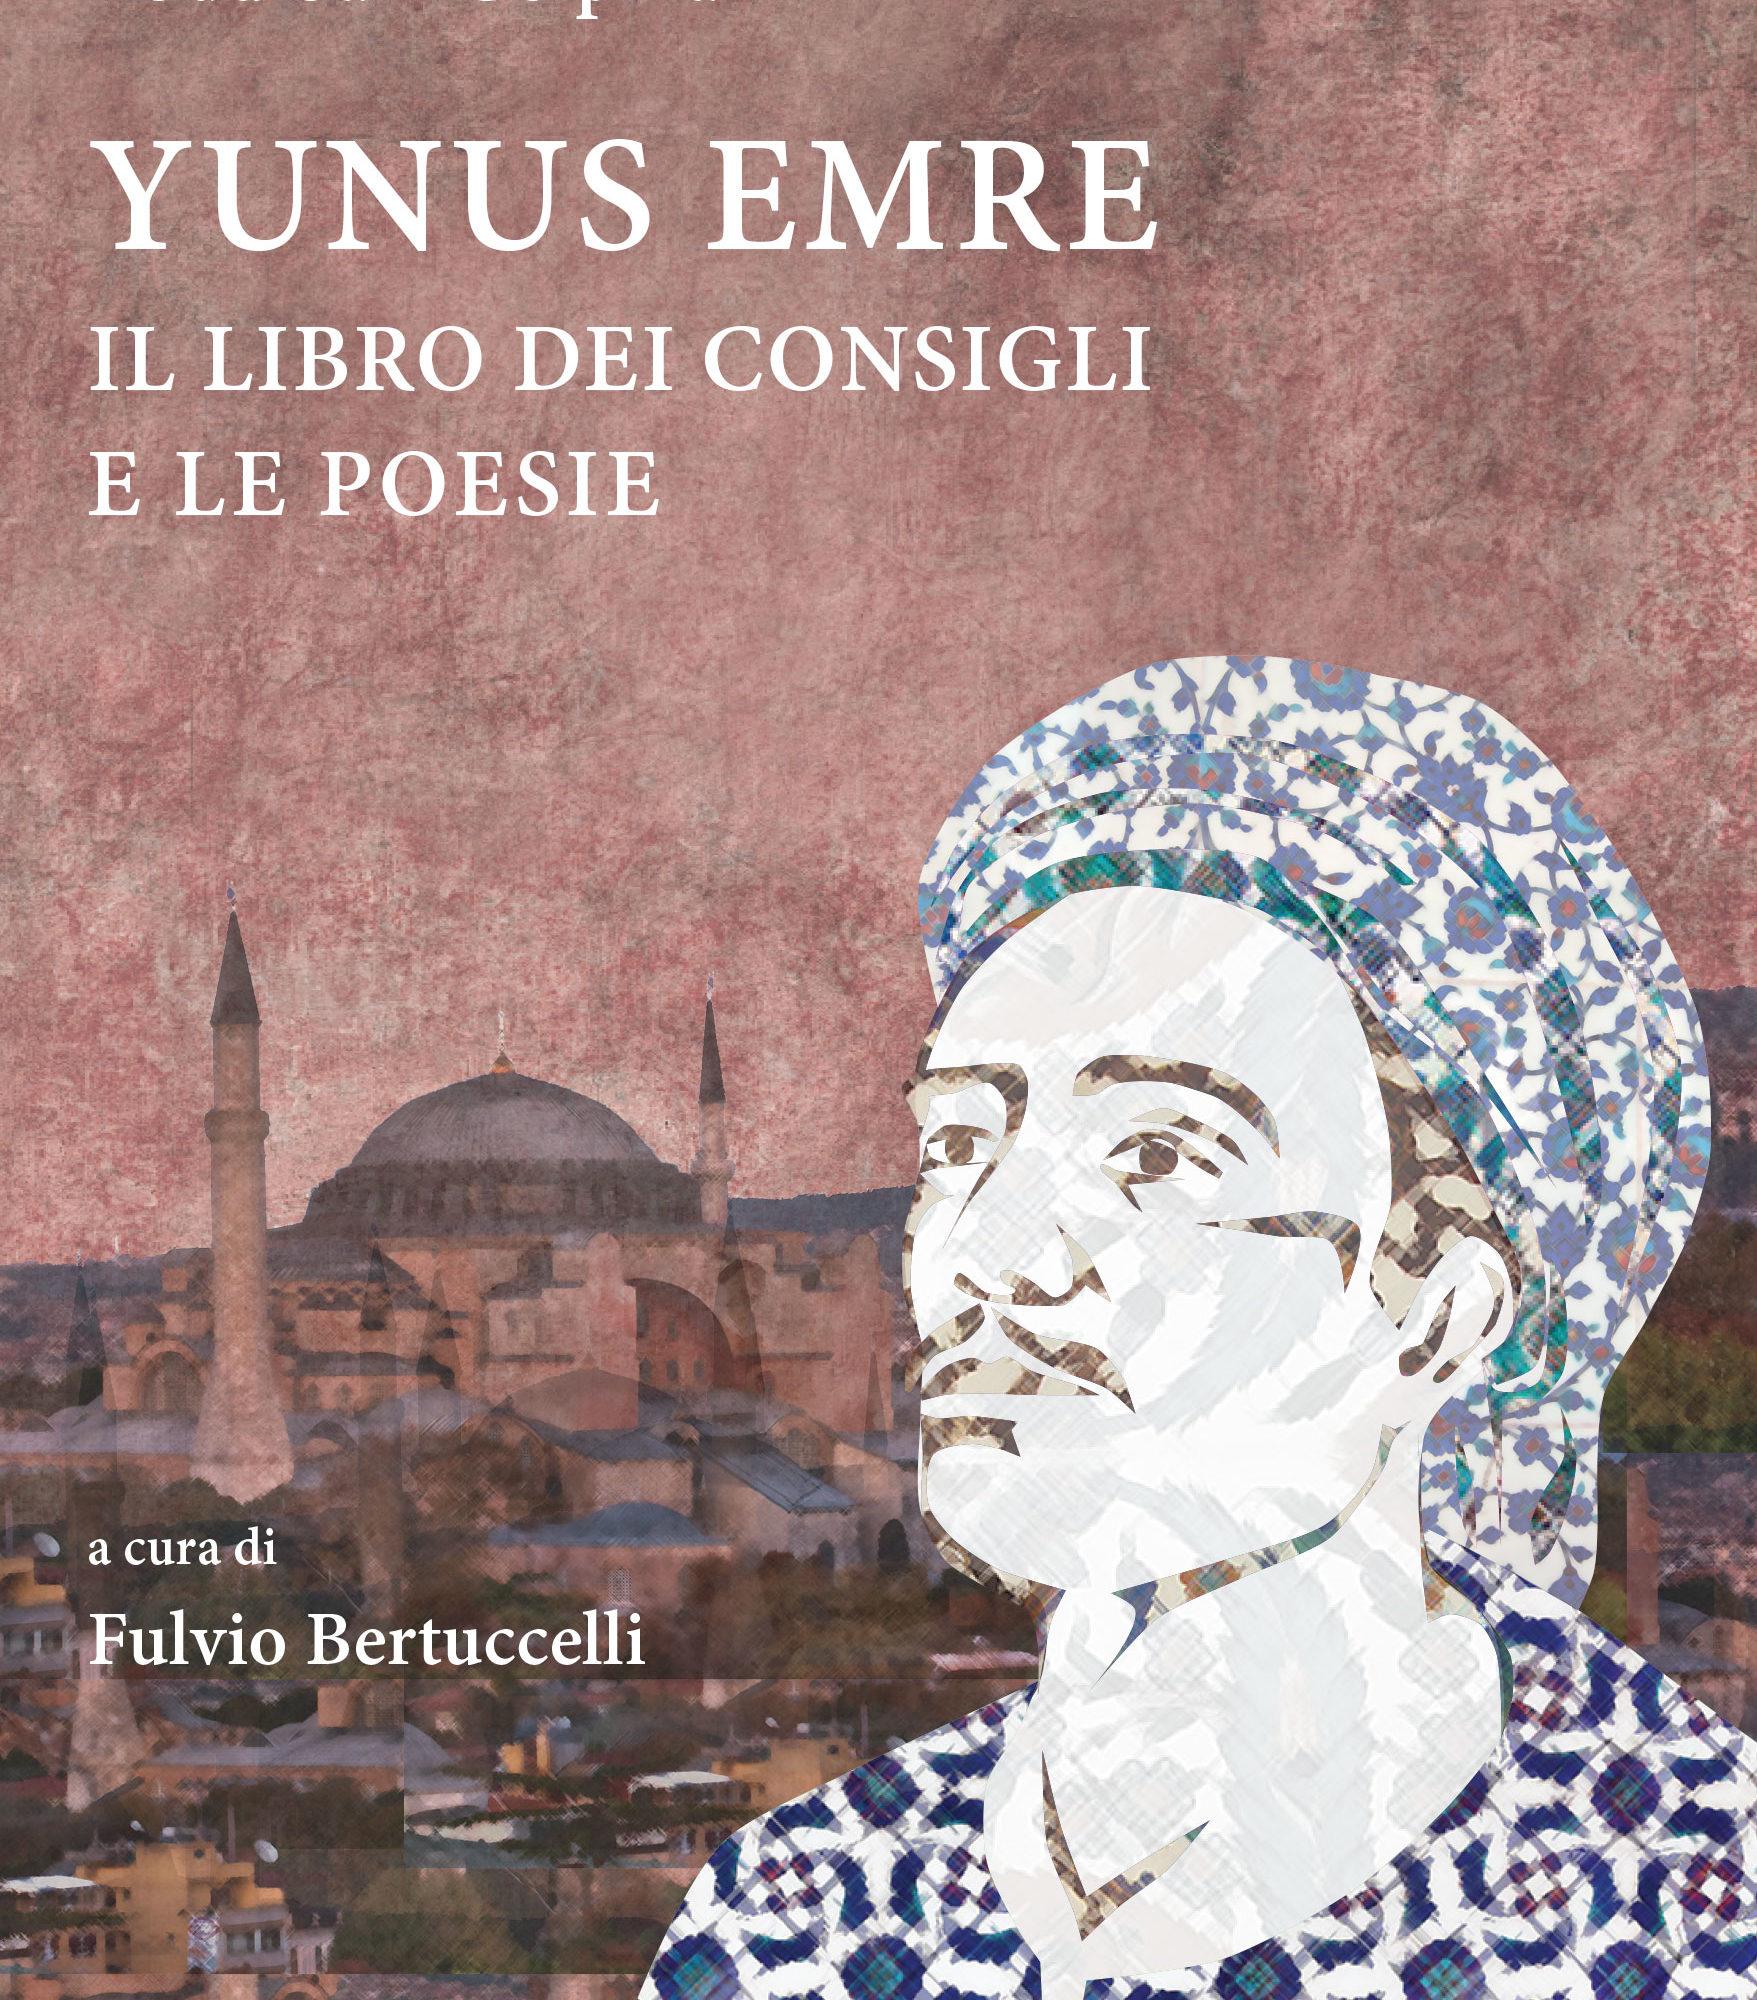 Abdulbaki Golpinarli – Yunus Emre. Il libro dei consigli e le poesie